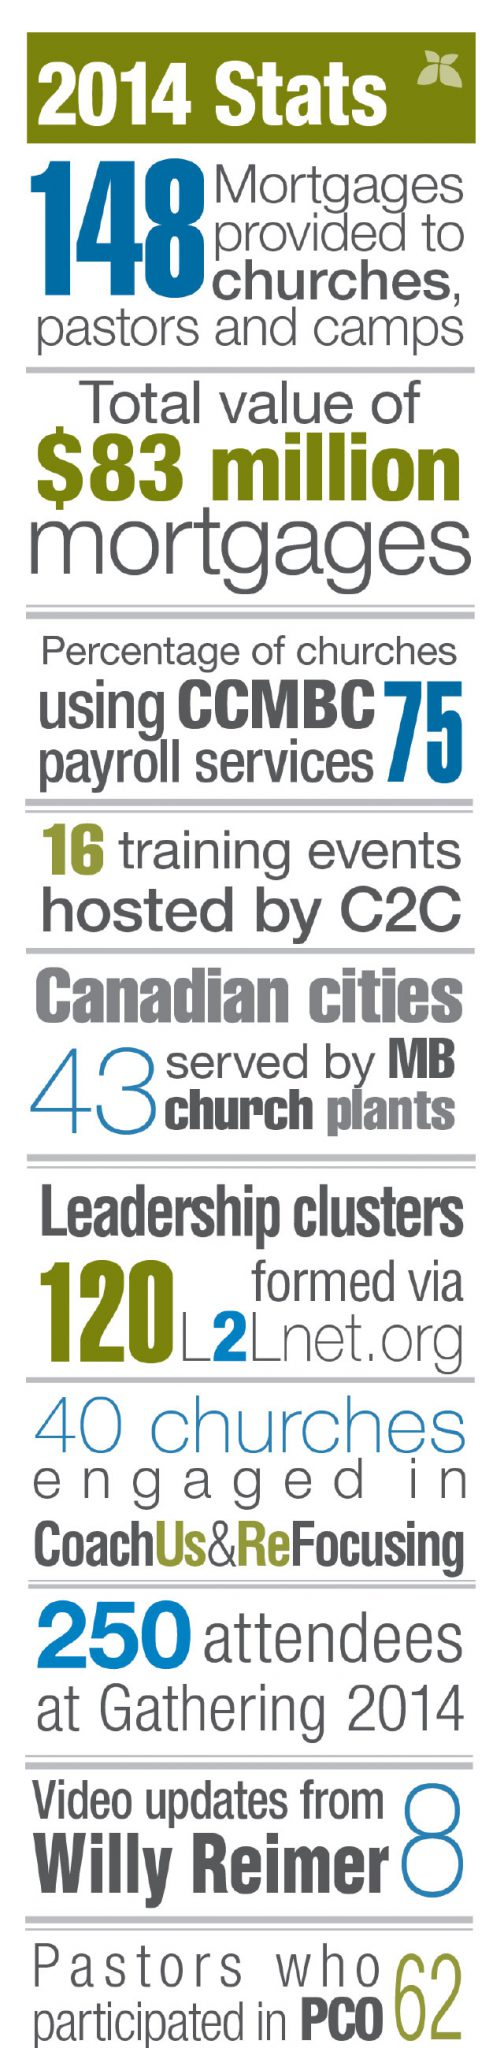 Church-stats